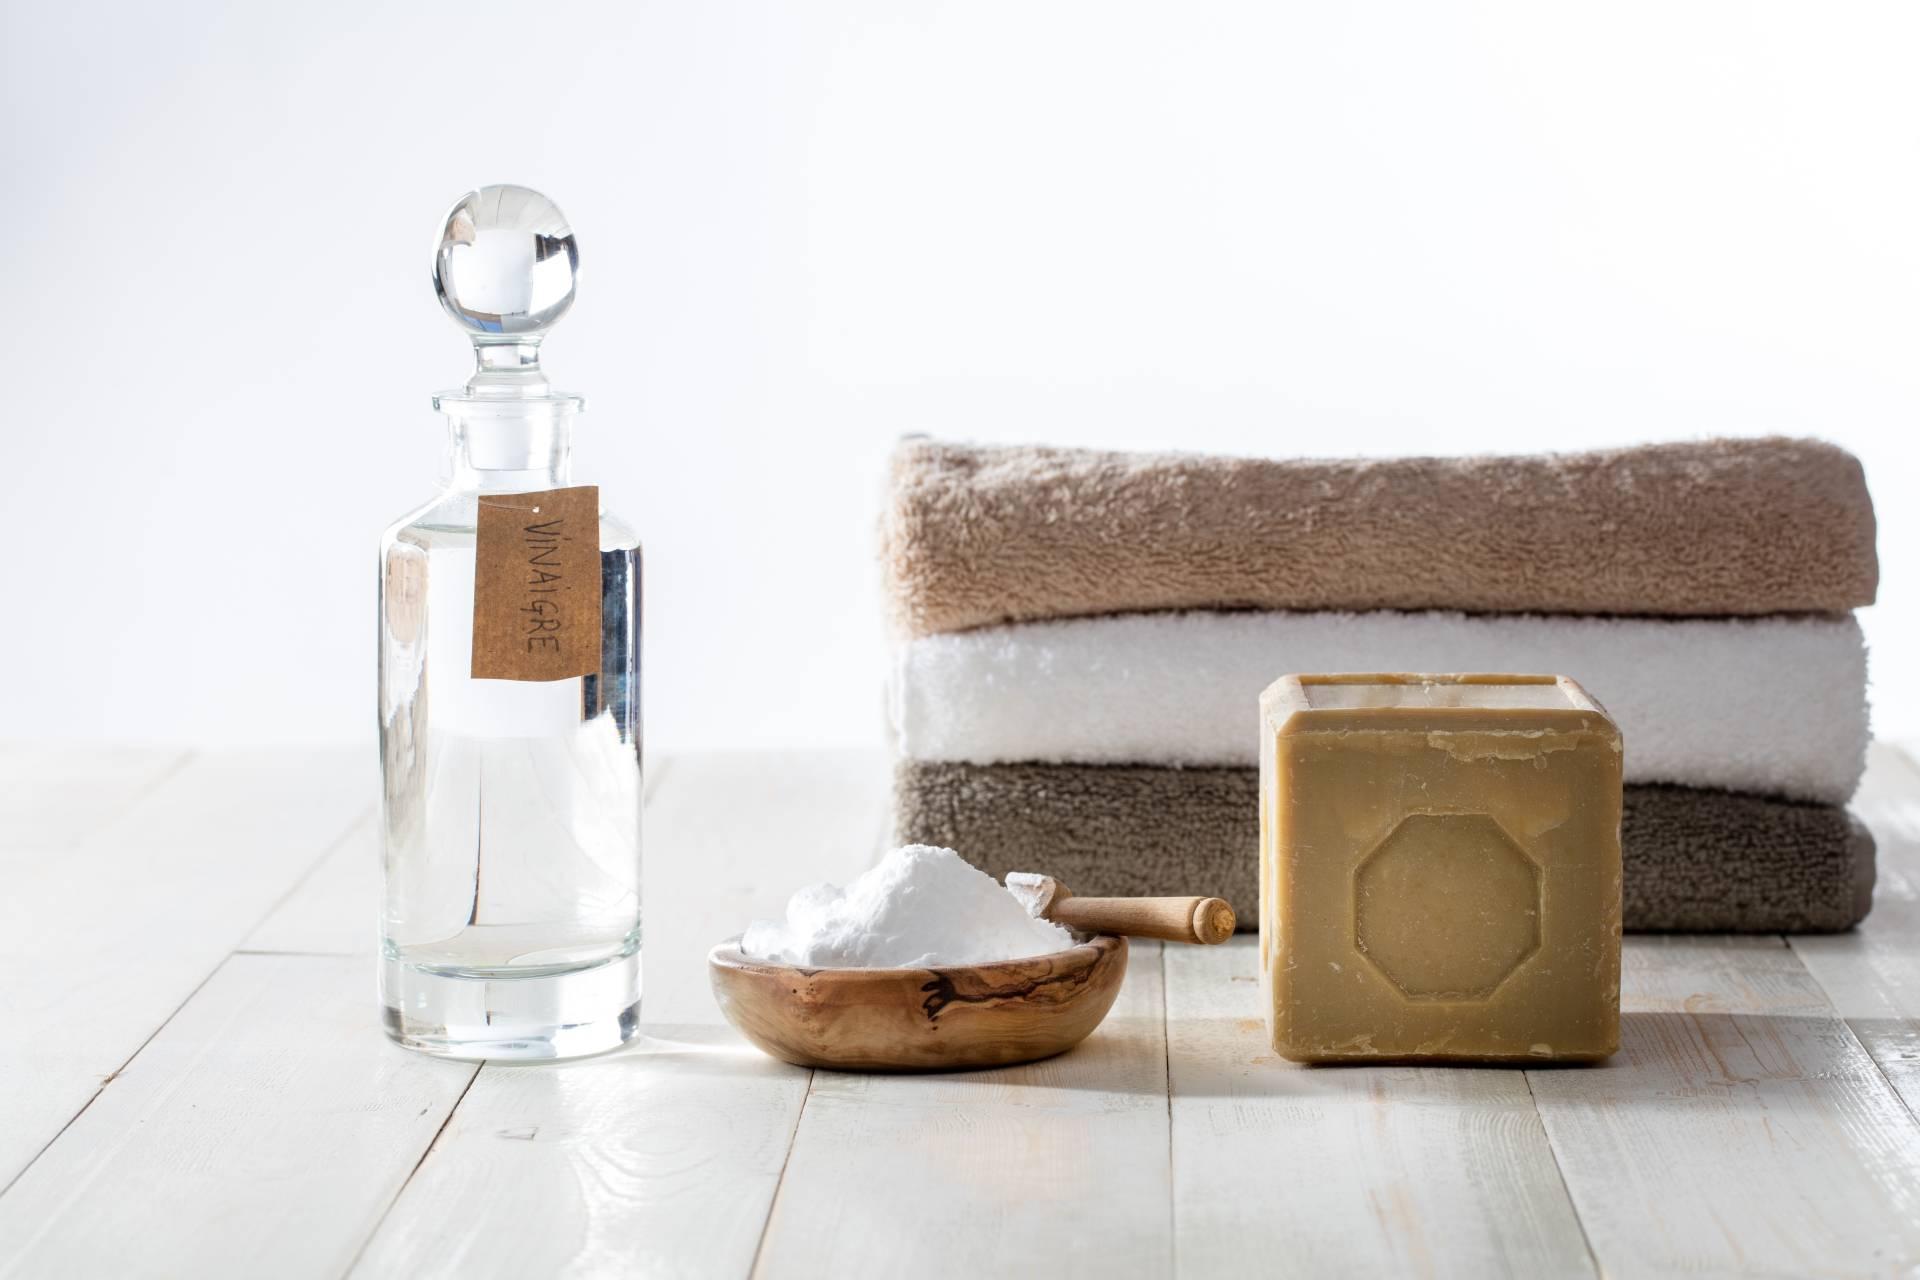 Jak zrobić ekologiczny płyn do płukania tkanin? Butelka octu, miseczka z sodą oczyszczoną, mydło leżą na drewnianej podłodze - w tle ręczniki.